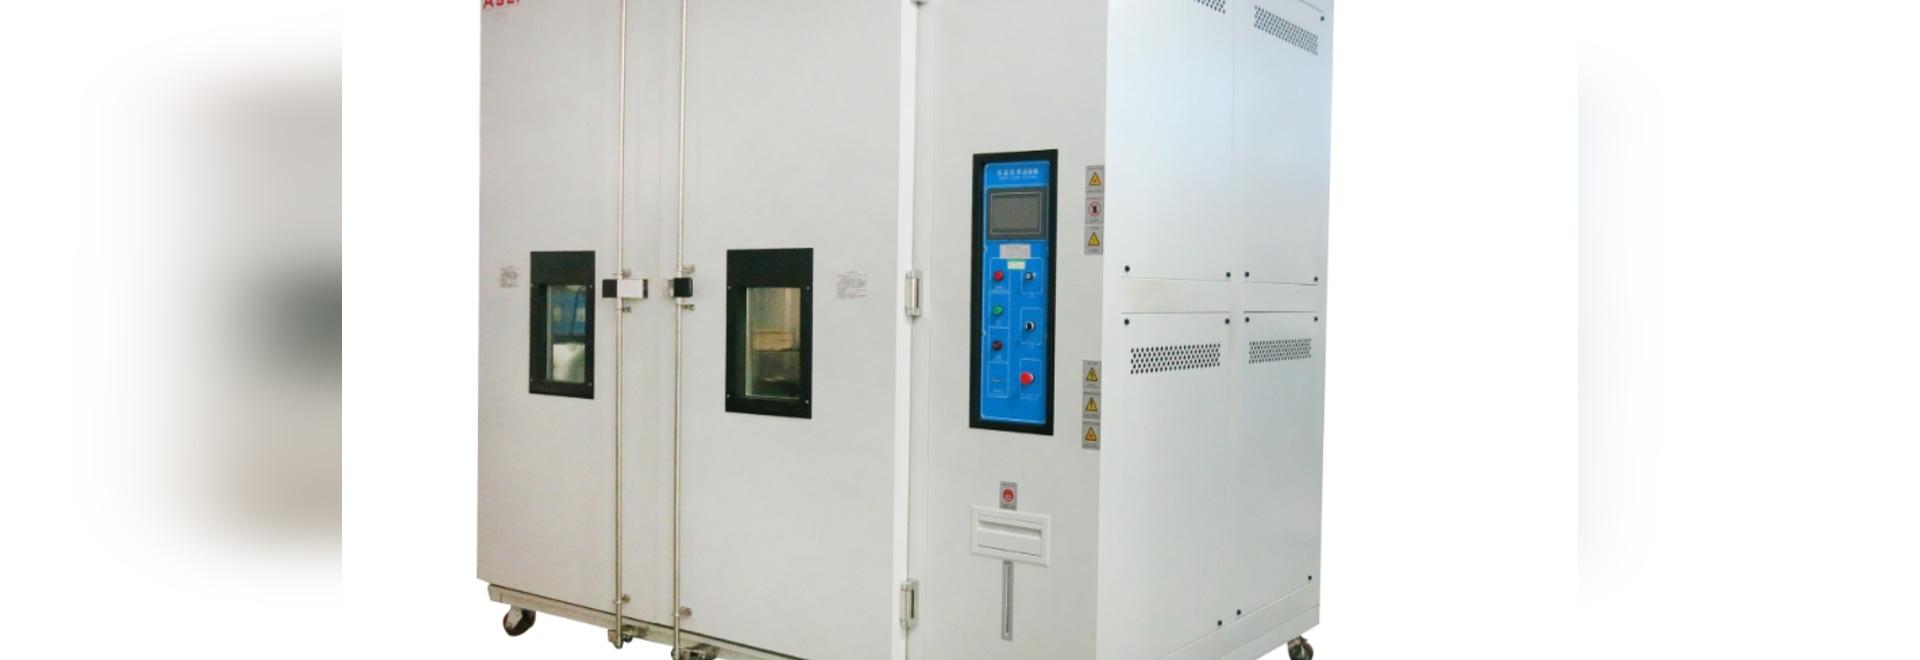 El picovoltio artesona cámaras de la prueba de los paneles solares